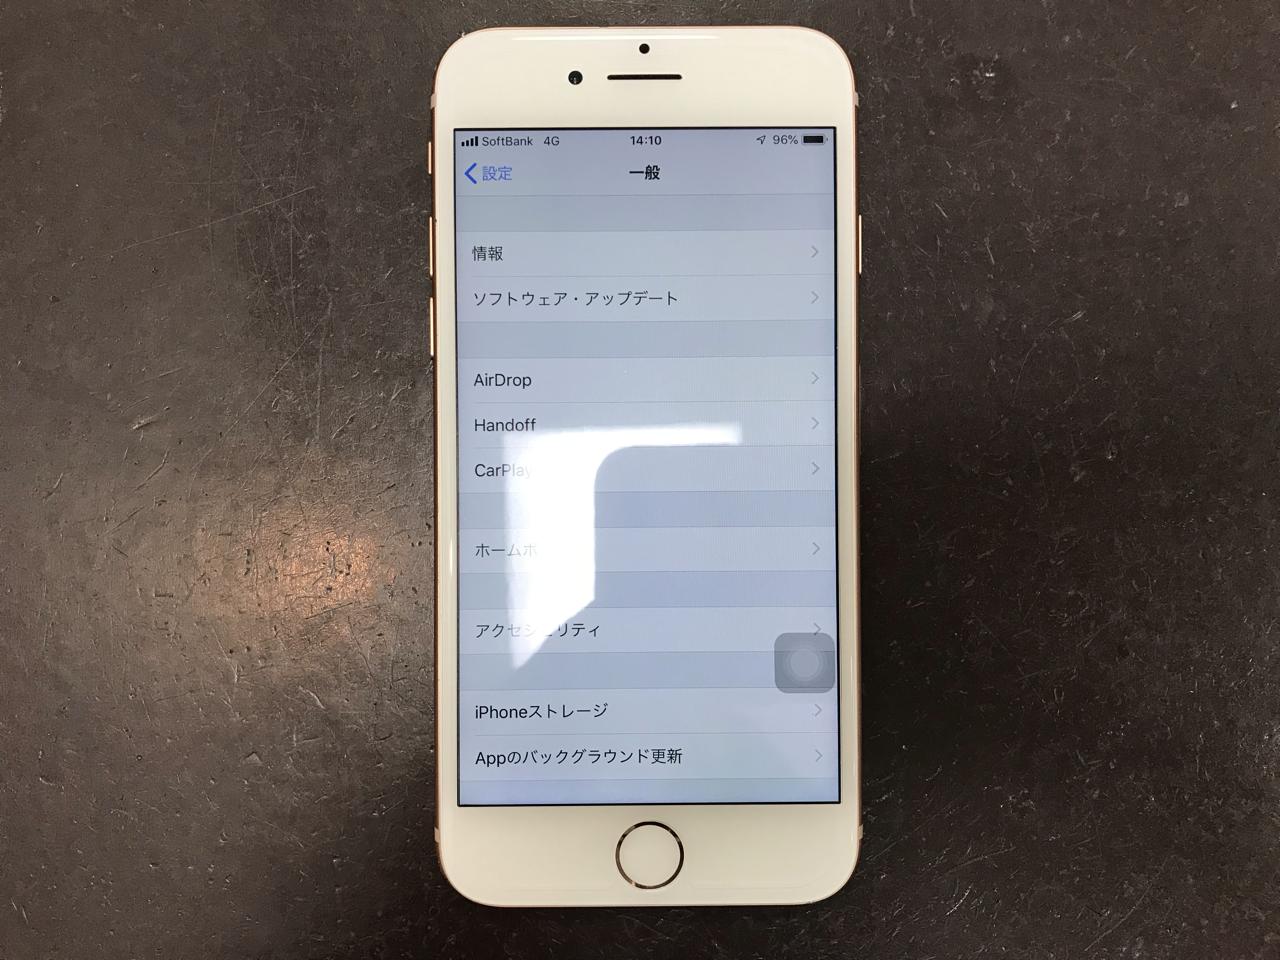 70b3c0f5-5e6e-4166-85f3-deb51068ae9d_1555045712_-2057828168 画面が真っ暗になって起動しなくなったiPhoneでも修理で直りました!